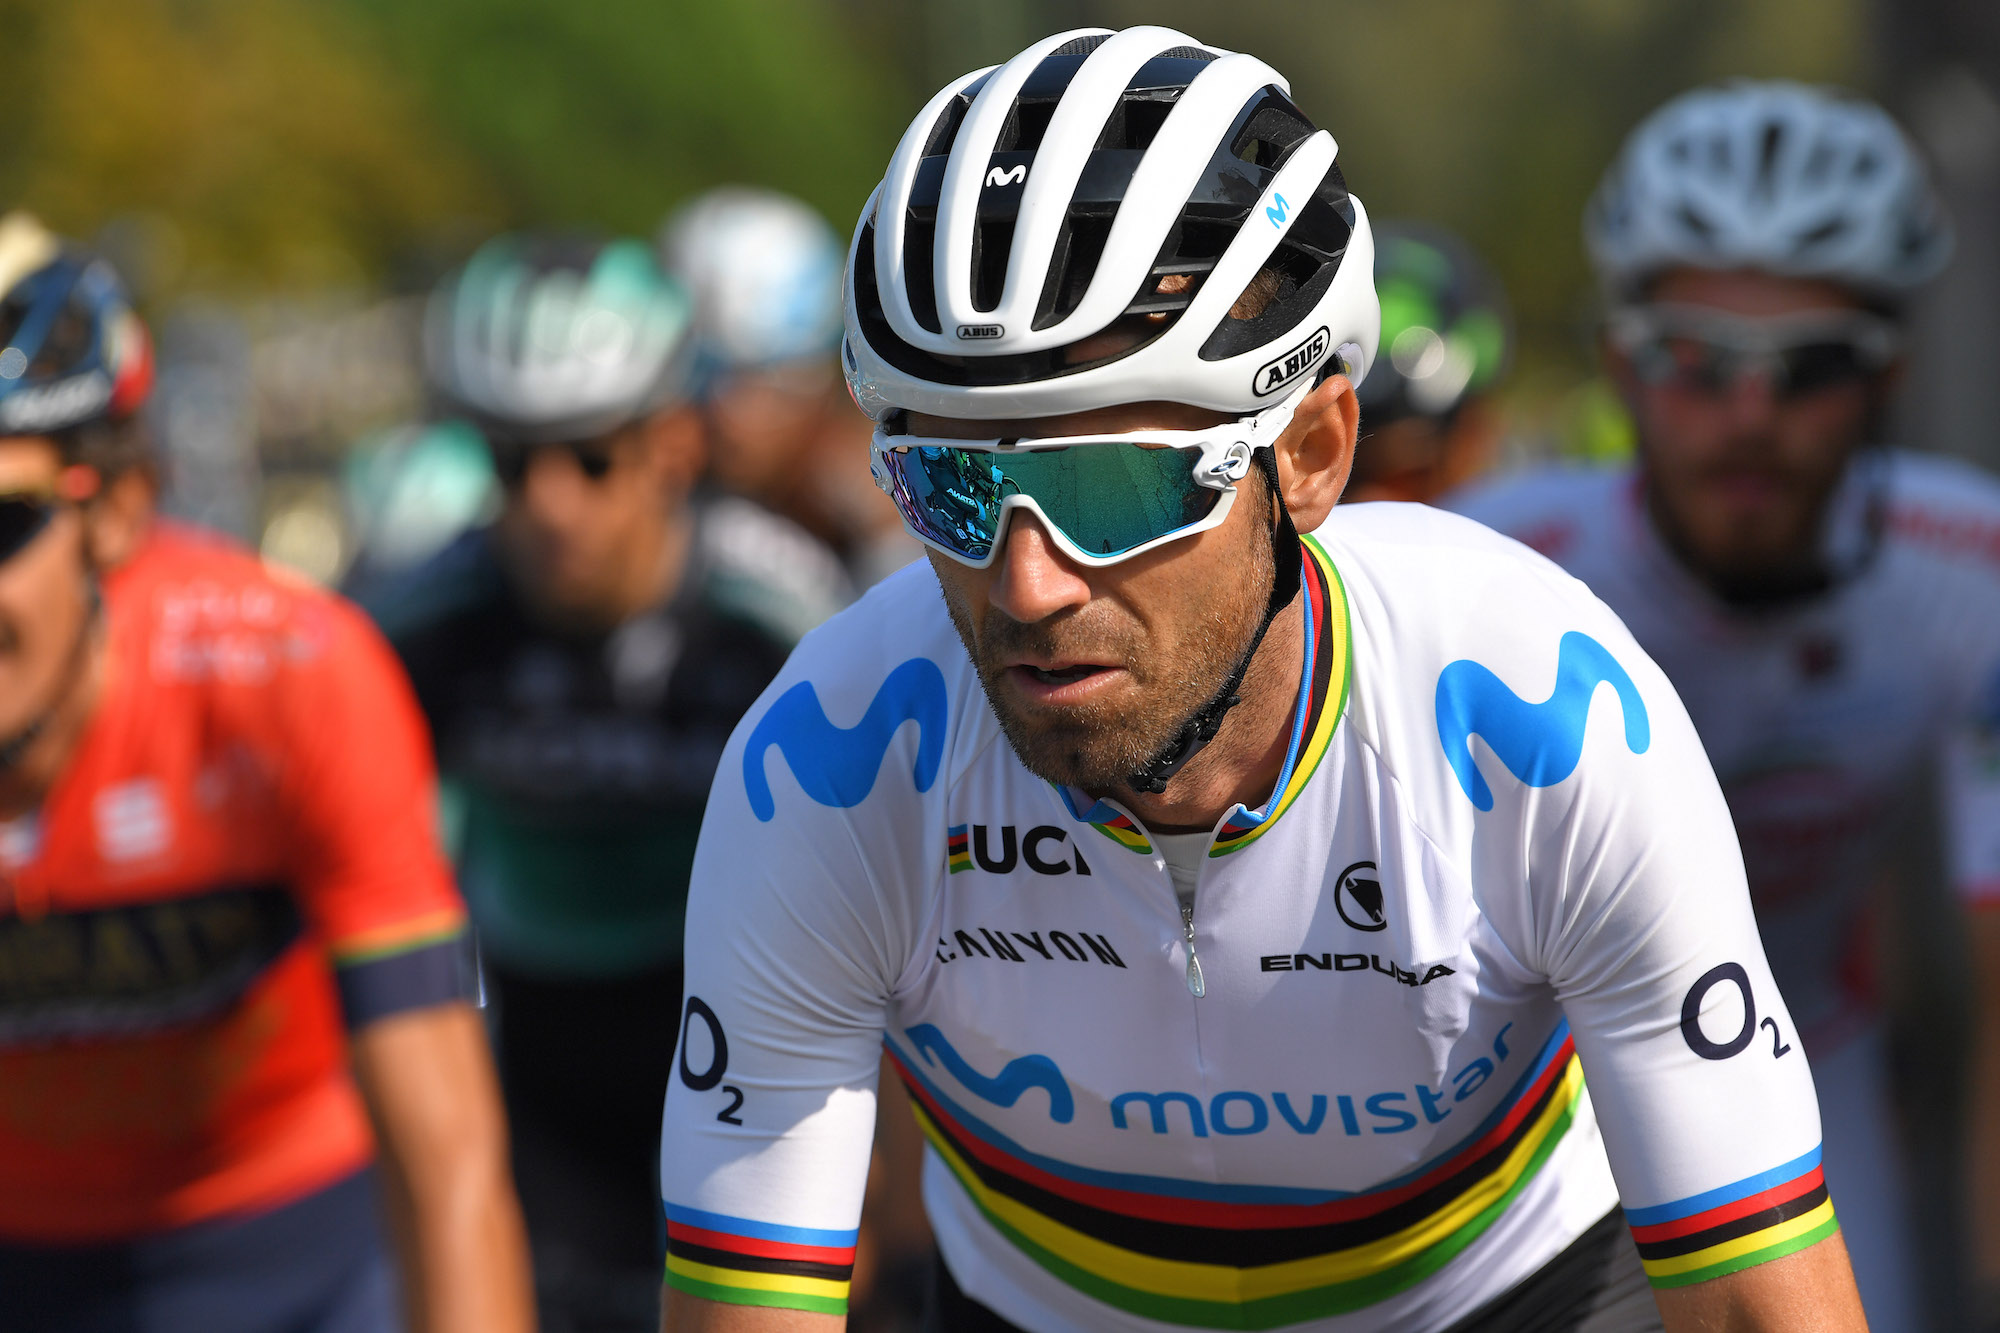 Alejandro Valverde kihagyja a Strade Bianchét